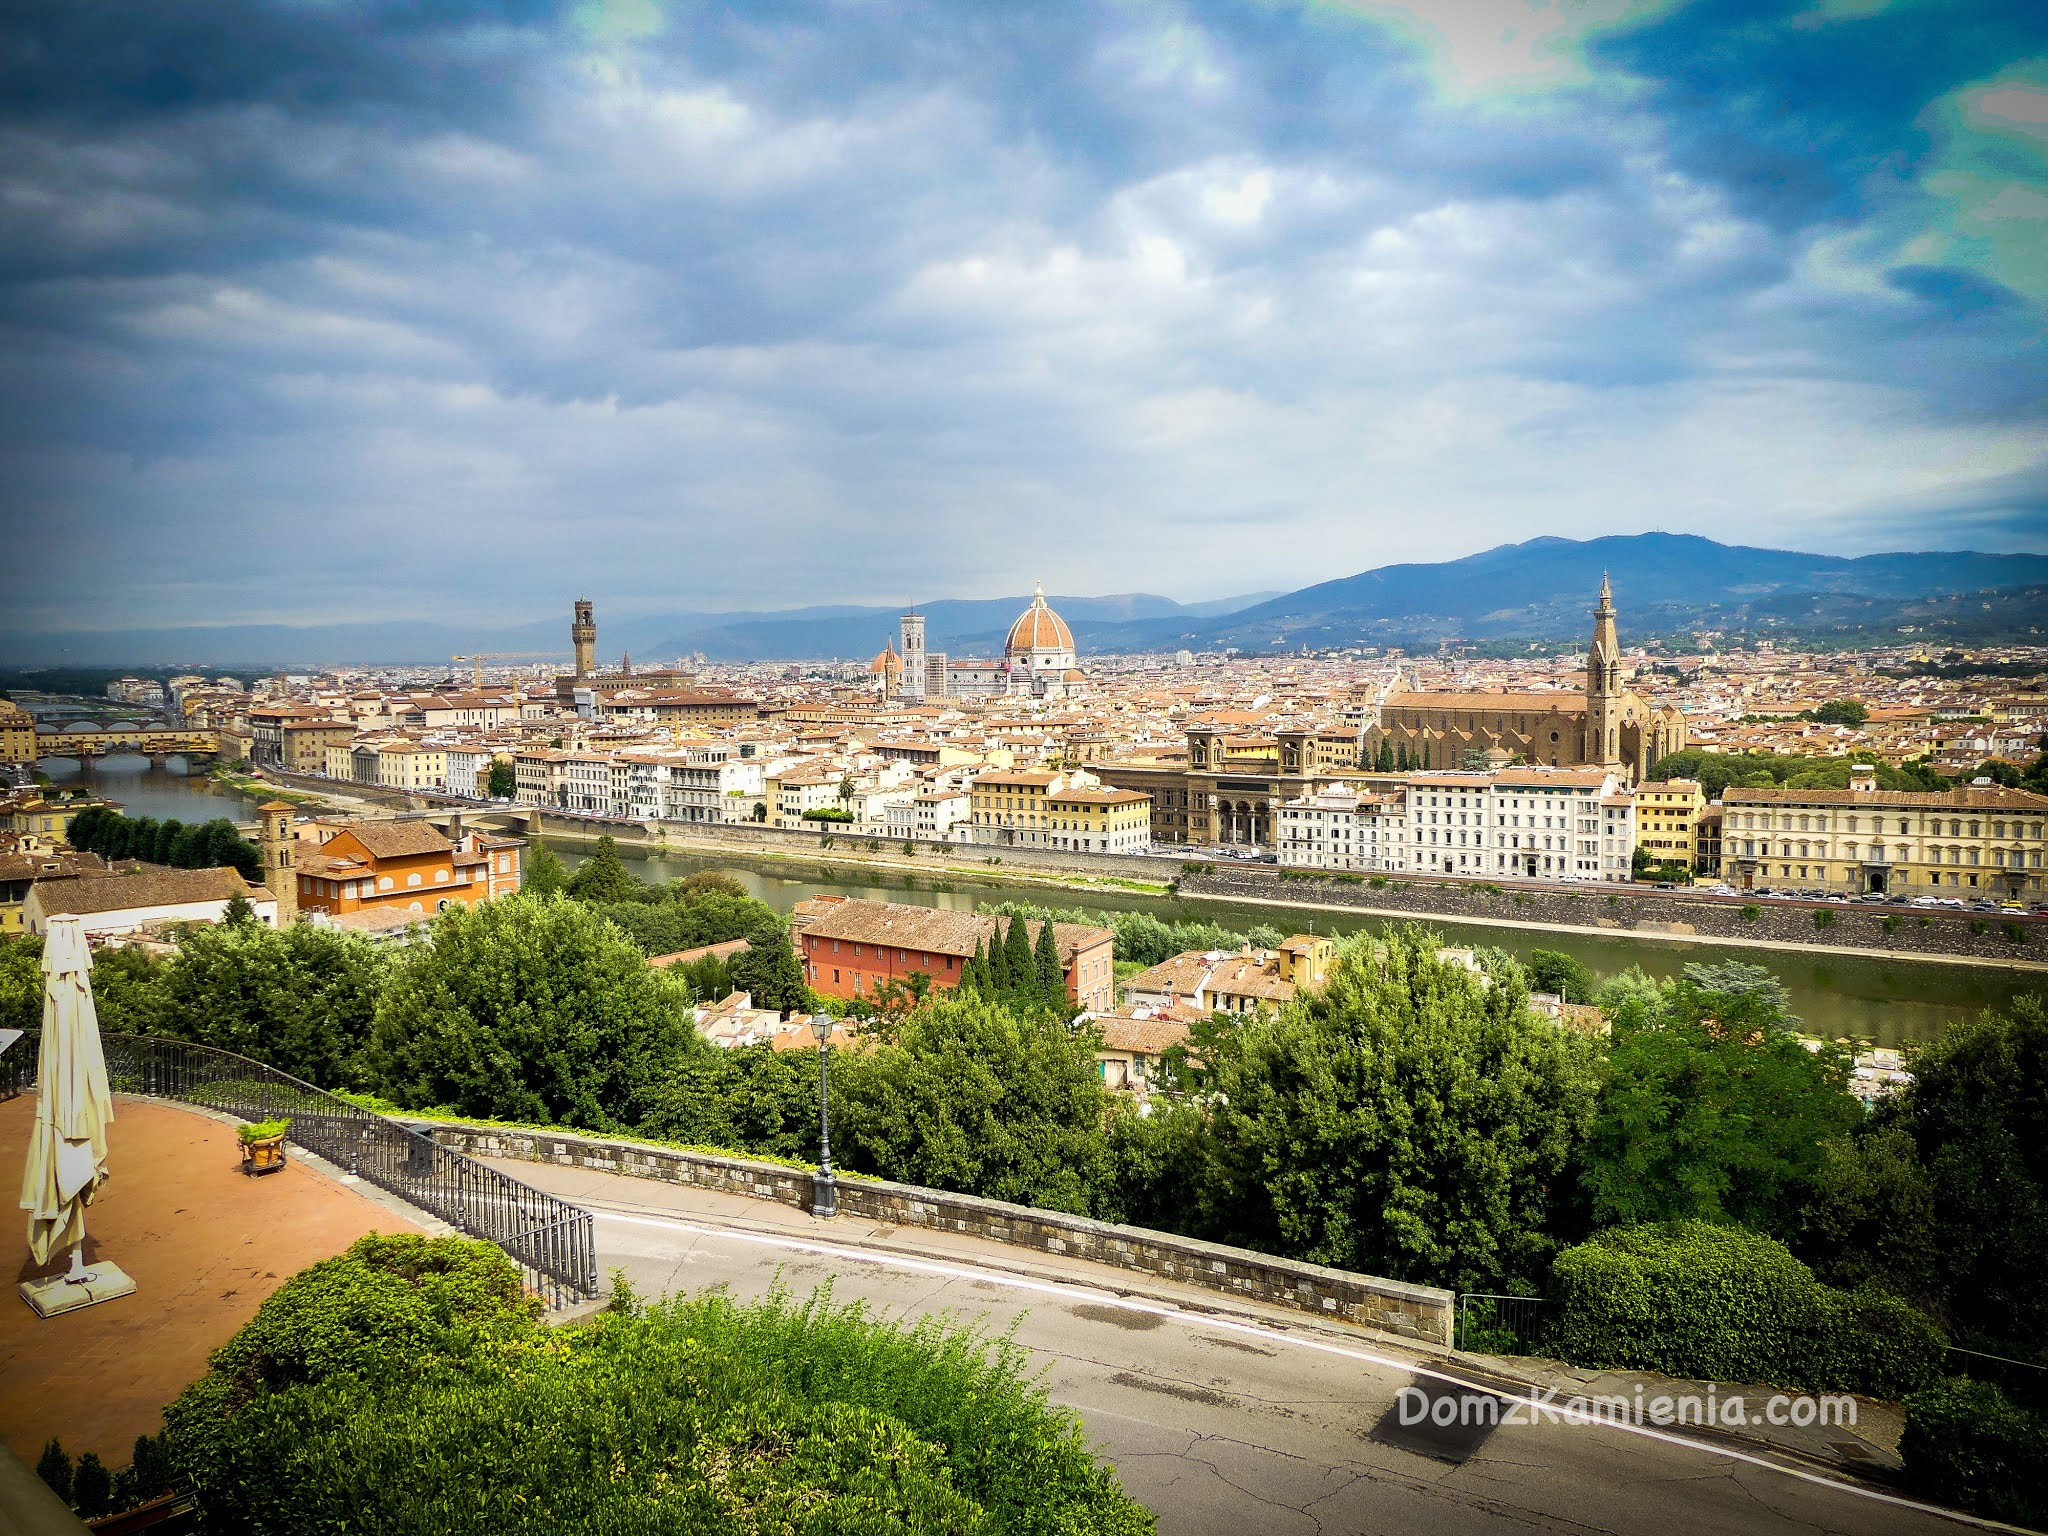 Florencja - Sekrety Florencji Kasia Nowacka